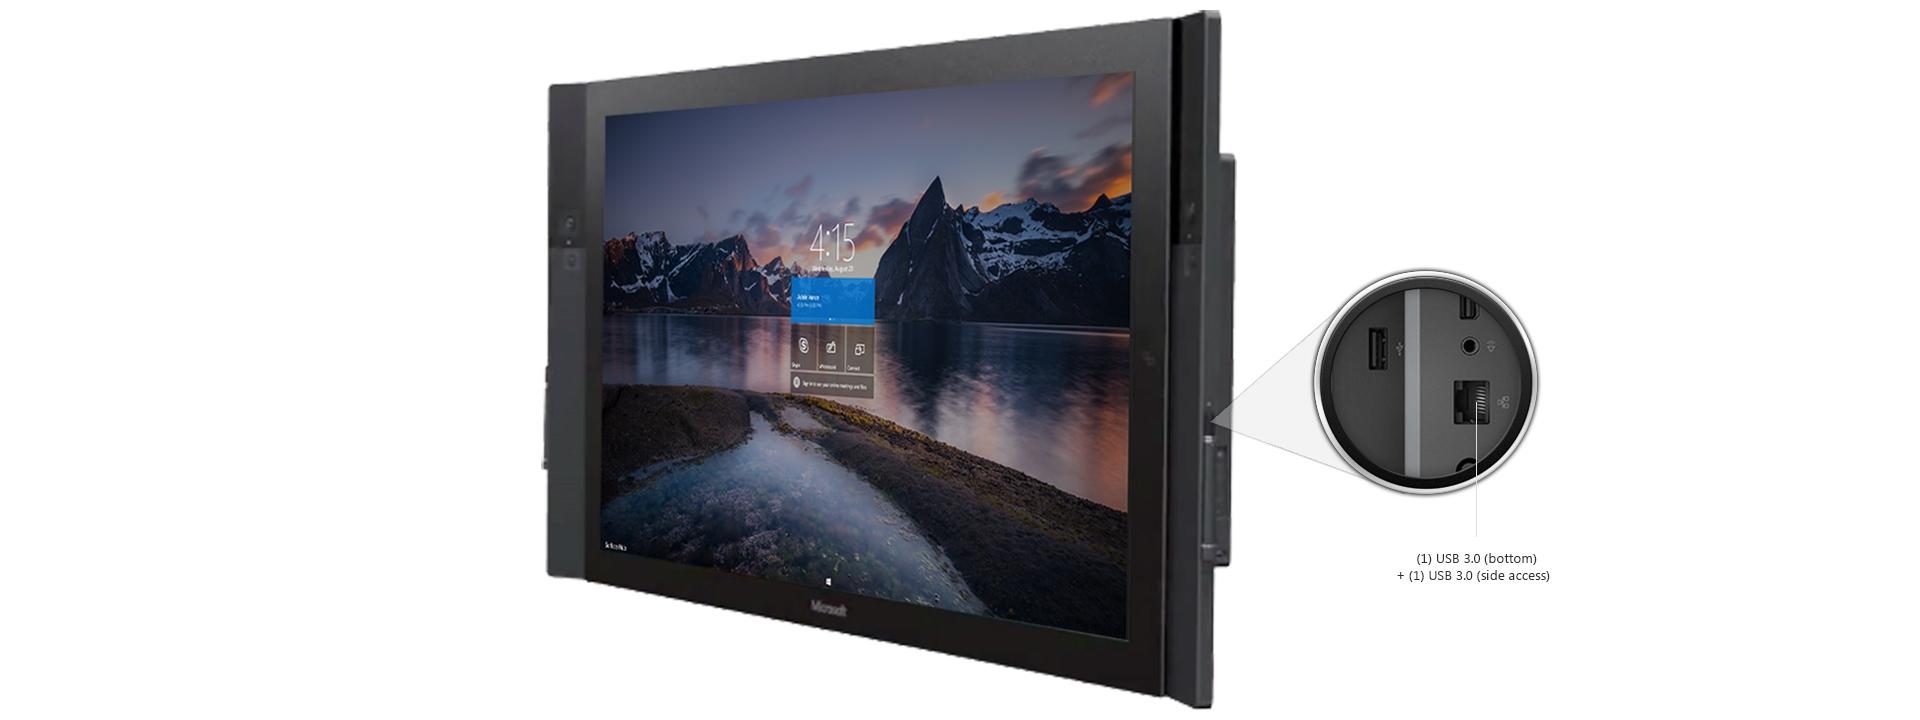 Vista lateral do Surface Hub a mostrar uma imagem da natureza no ecrã inicial, com as portas ampliadas.